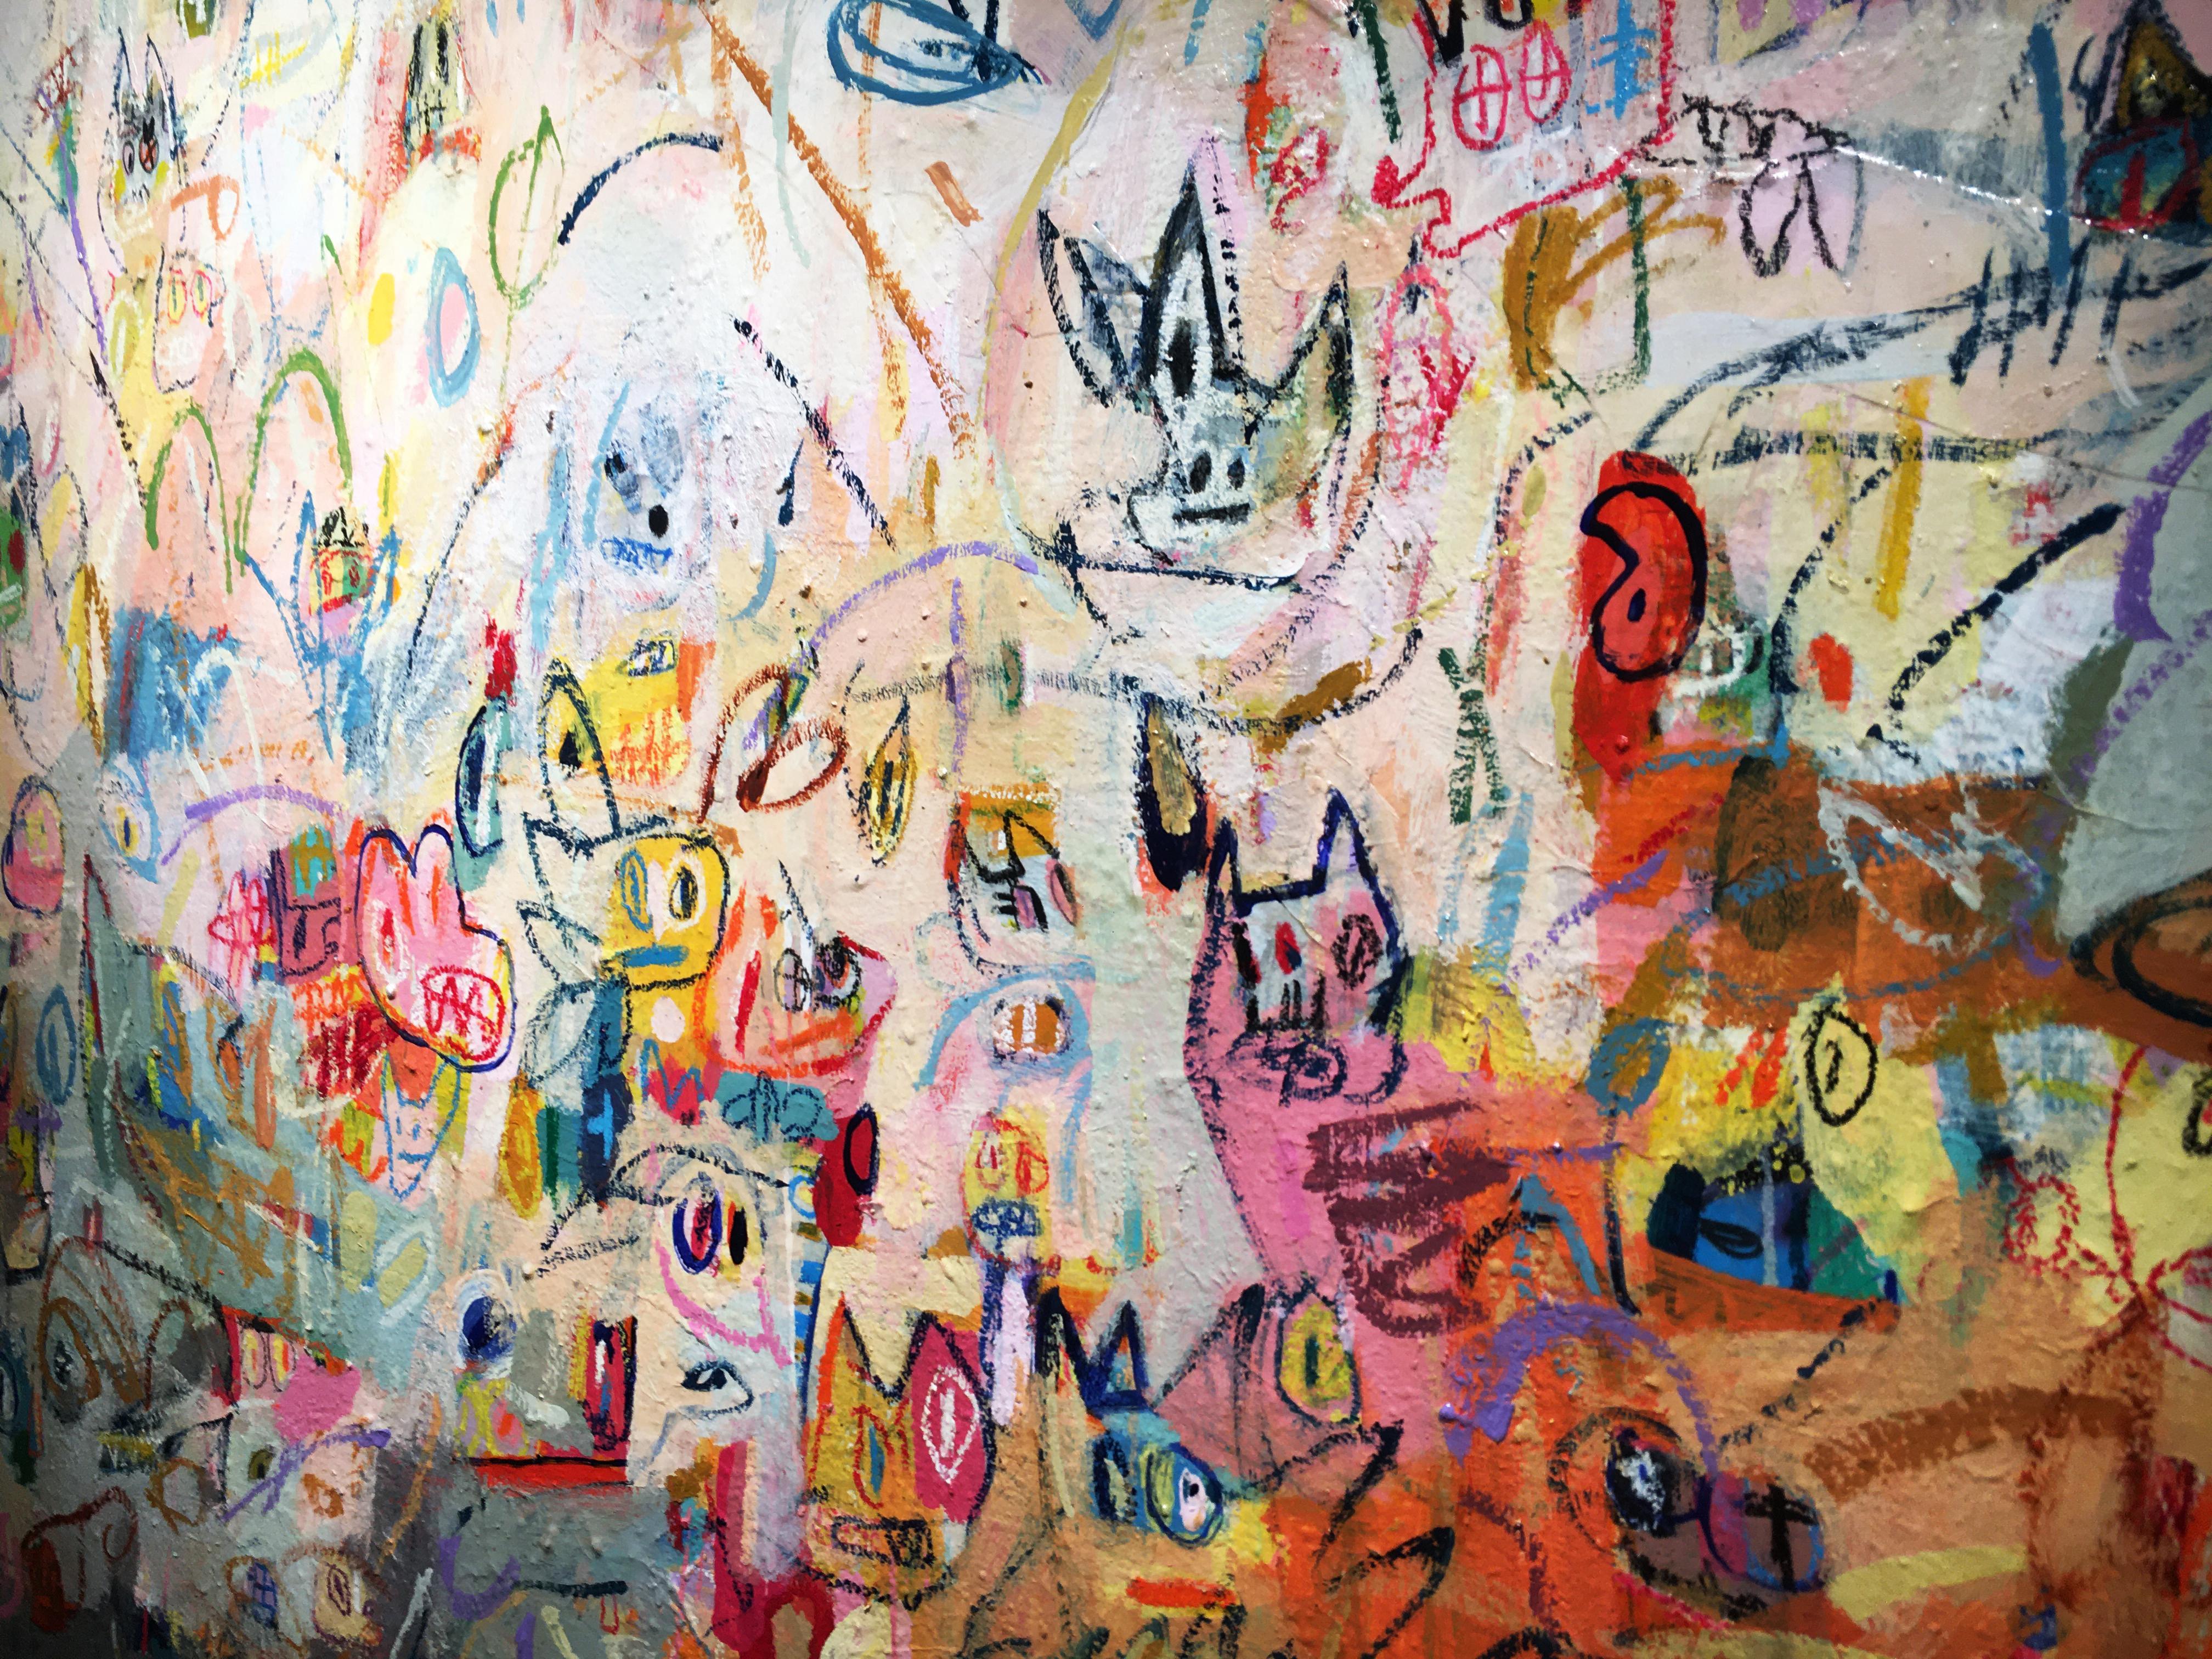 張瓊方,《Mascleta》,160 x 160 cm,油彩、壓克力、蠟筆、畫布,2016。